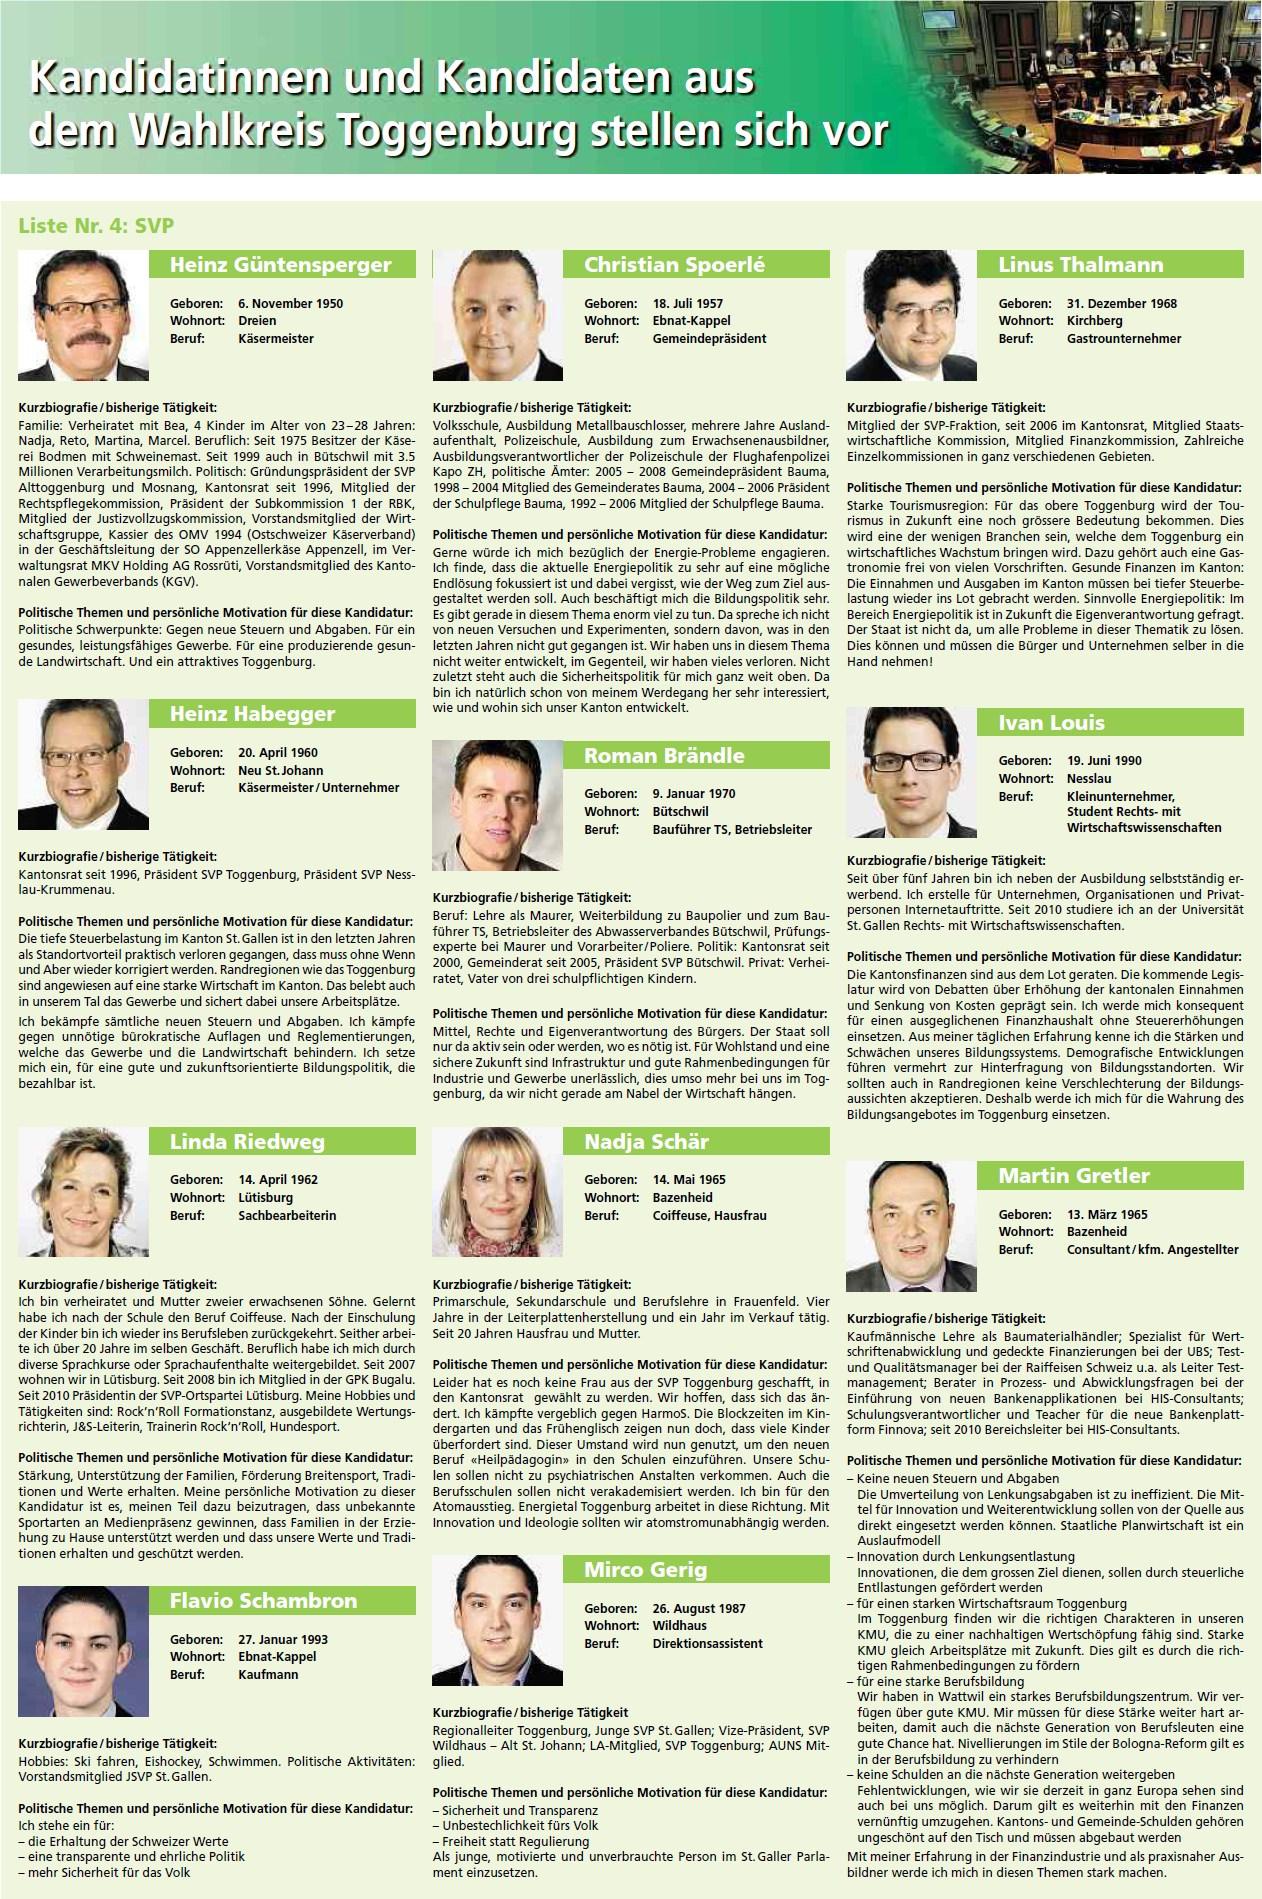 Beilage Toggenburger Nachrichten / Toggenburger Tagblatt mit Kantonsratskandidaten (Freitag, 10.02.2012)